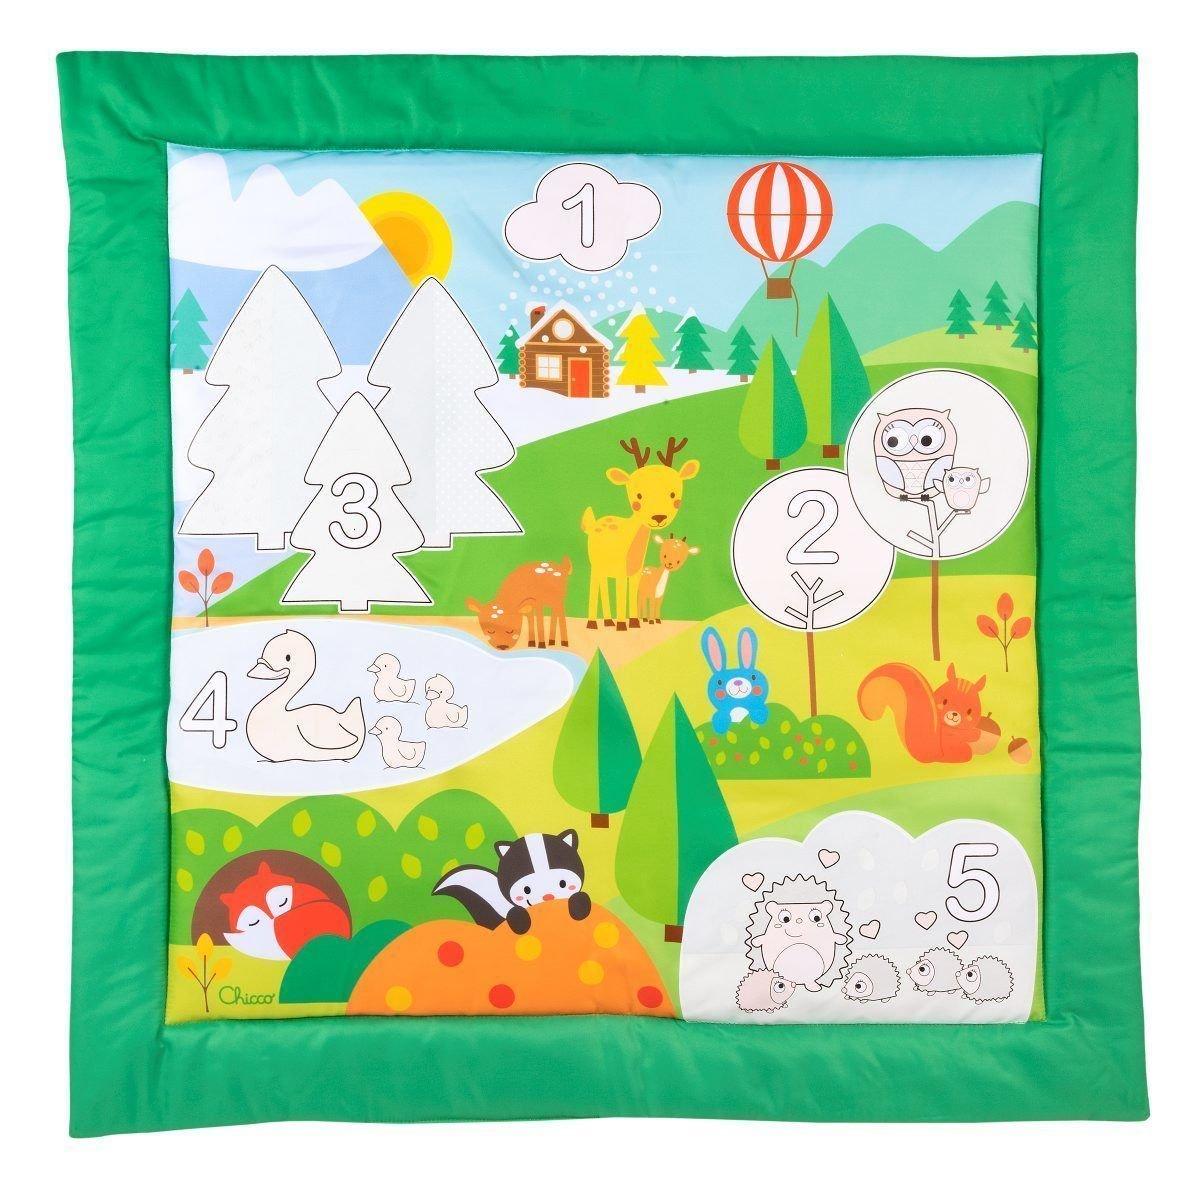 Hracia deka vyfarbovacia colour mat - zv��i� obr�zok